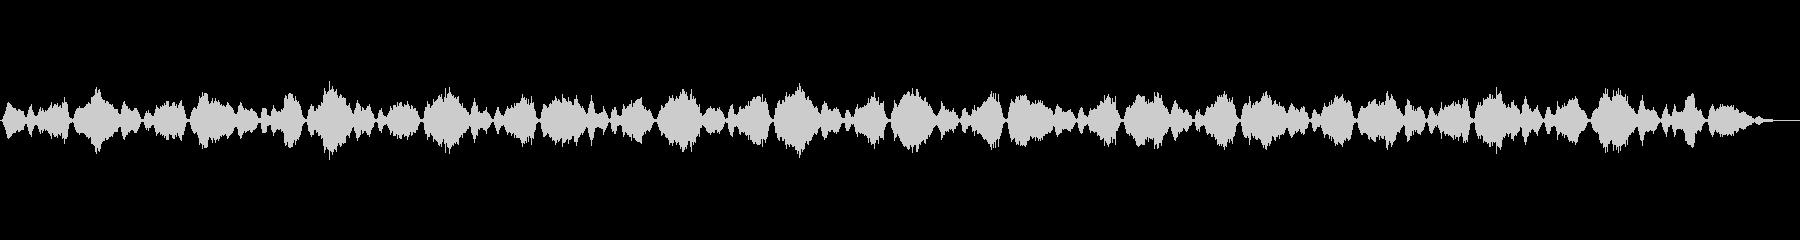 ビリビリ(電気的・金属的なノイズ)の未再生の波形